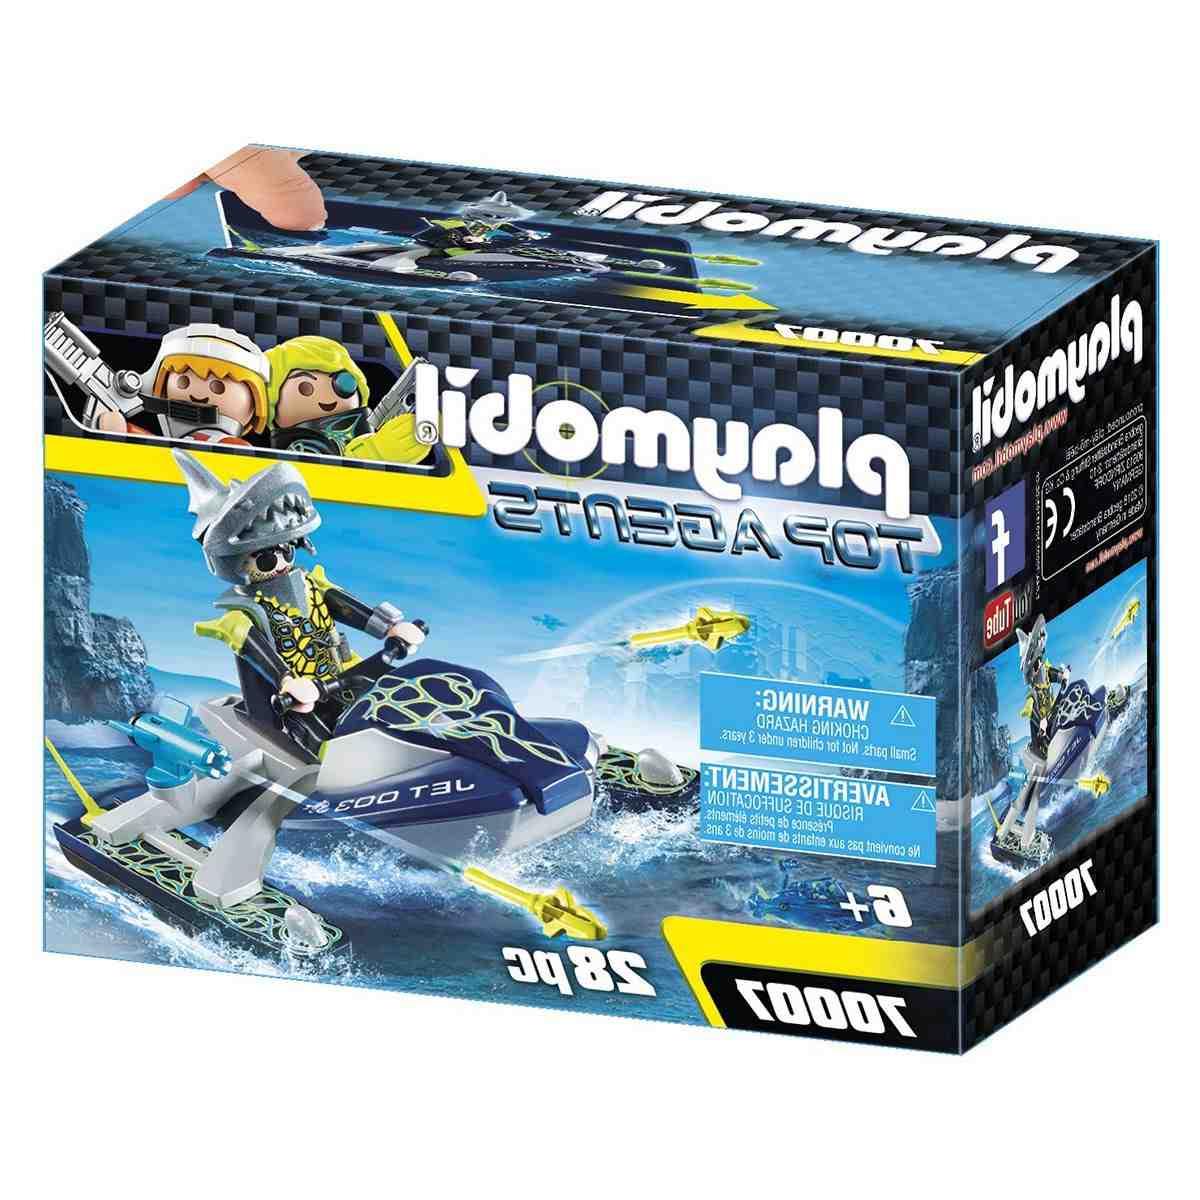 Quels sont les jouets les plus recherchés ?